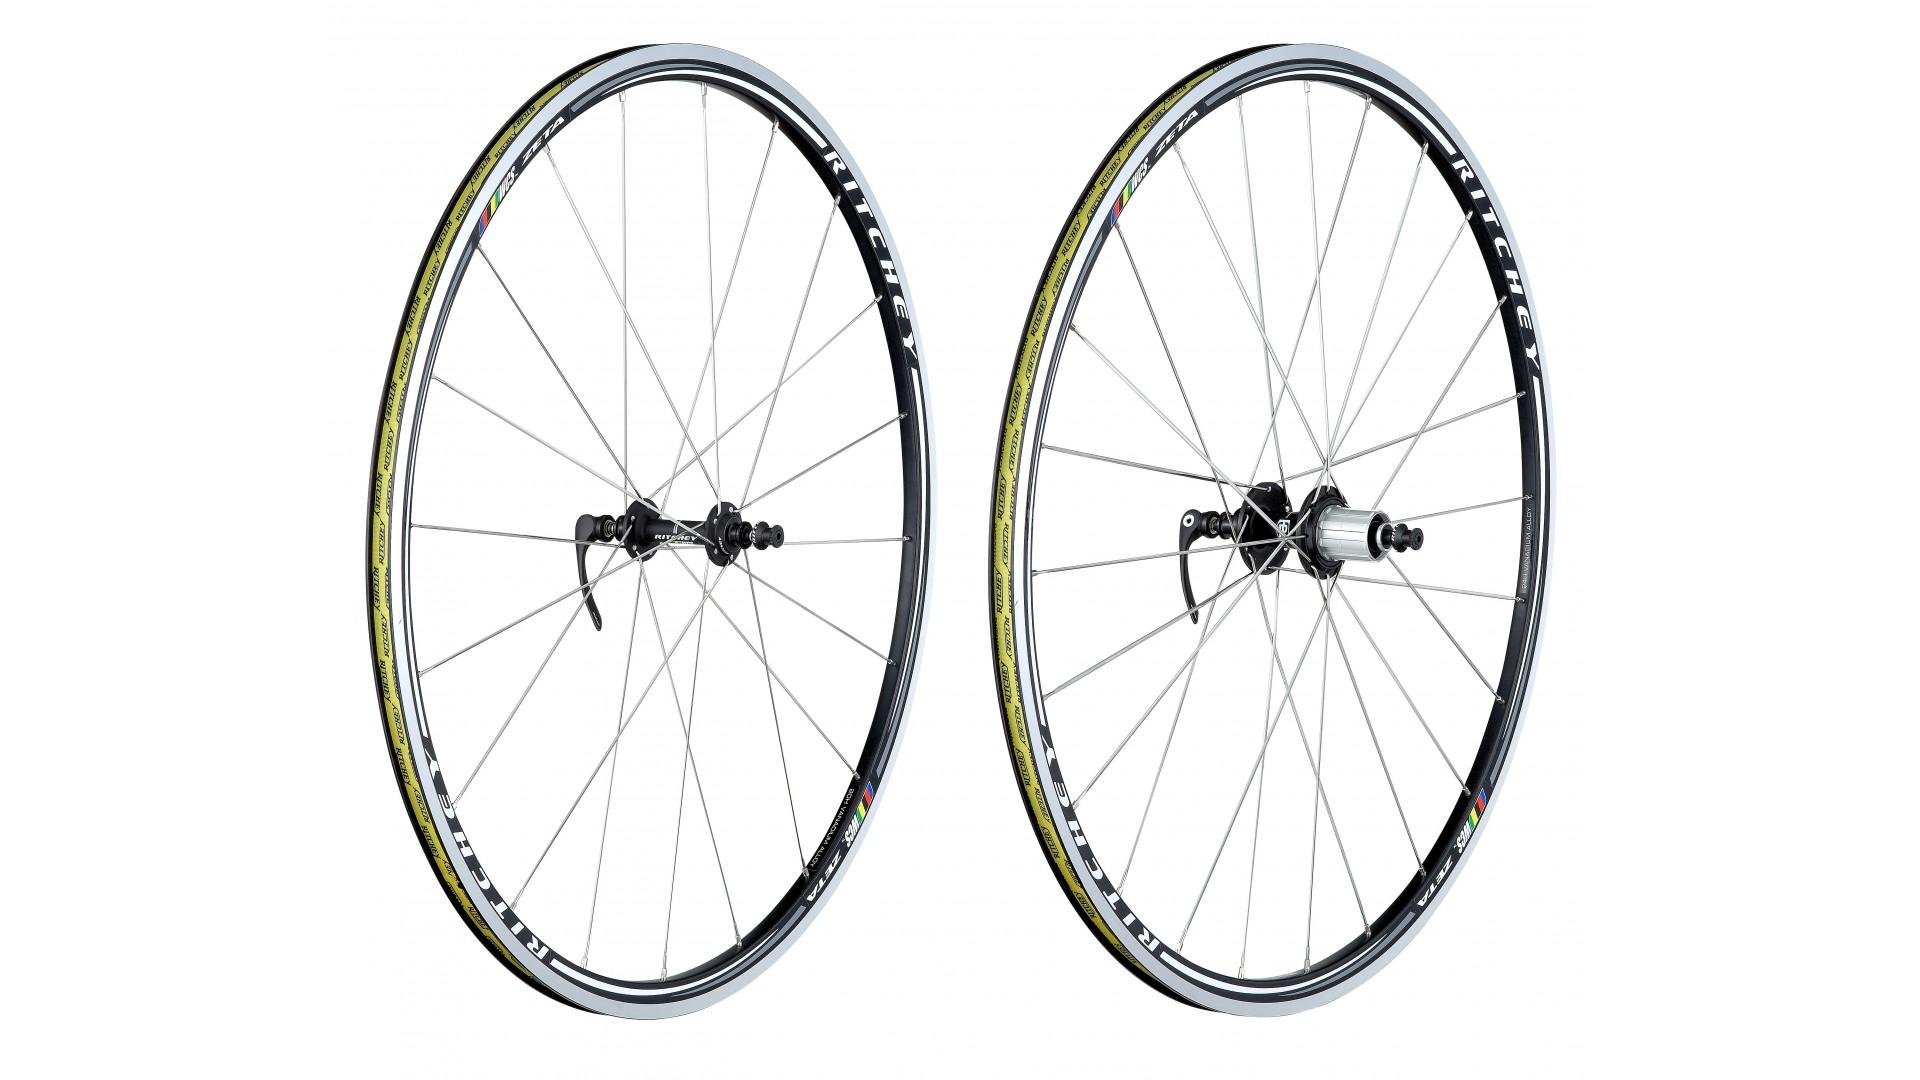 Комплект колес шоссейных Ritchey WCS Zeta Clincer black